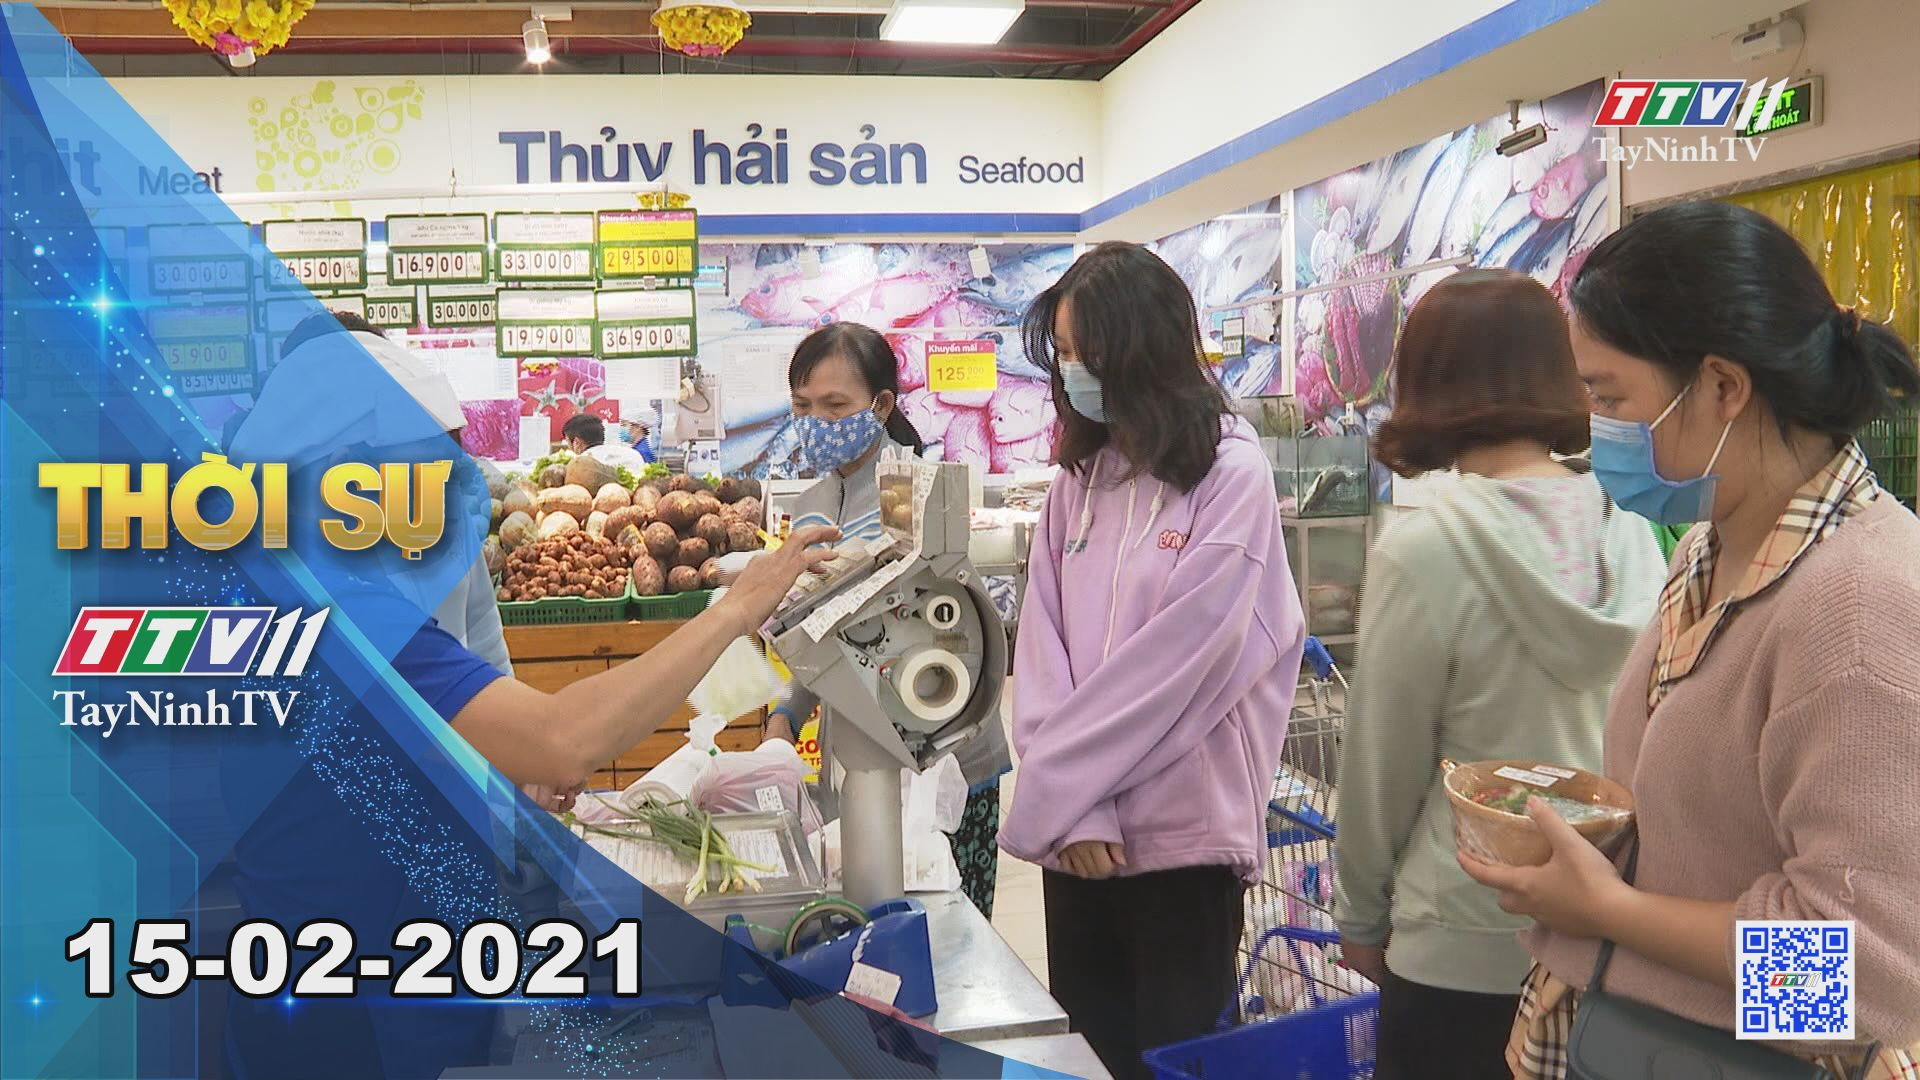 Thời sự Tây Ninh 15-02-2021 | Tin tức hôm nay | TayNinhTV